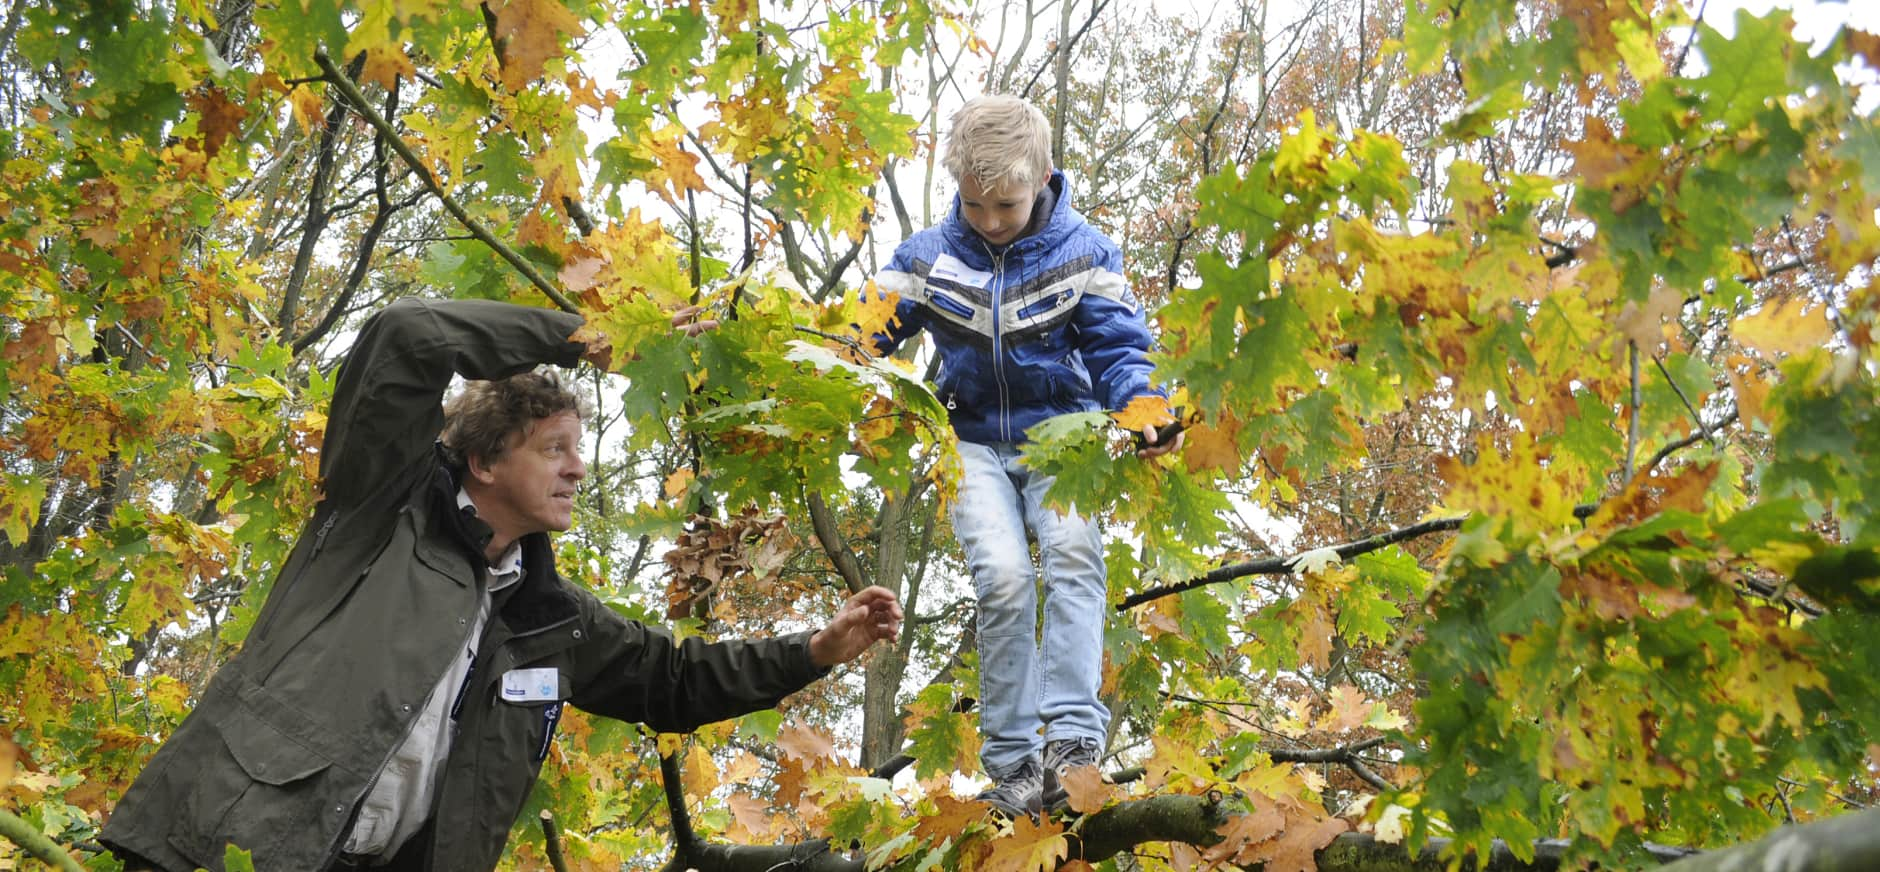 Vrijwilliger evenementen en promotie landgoed Haarzuilens